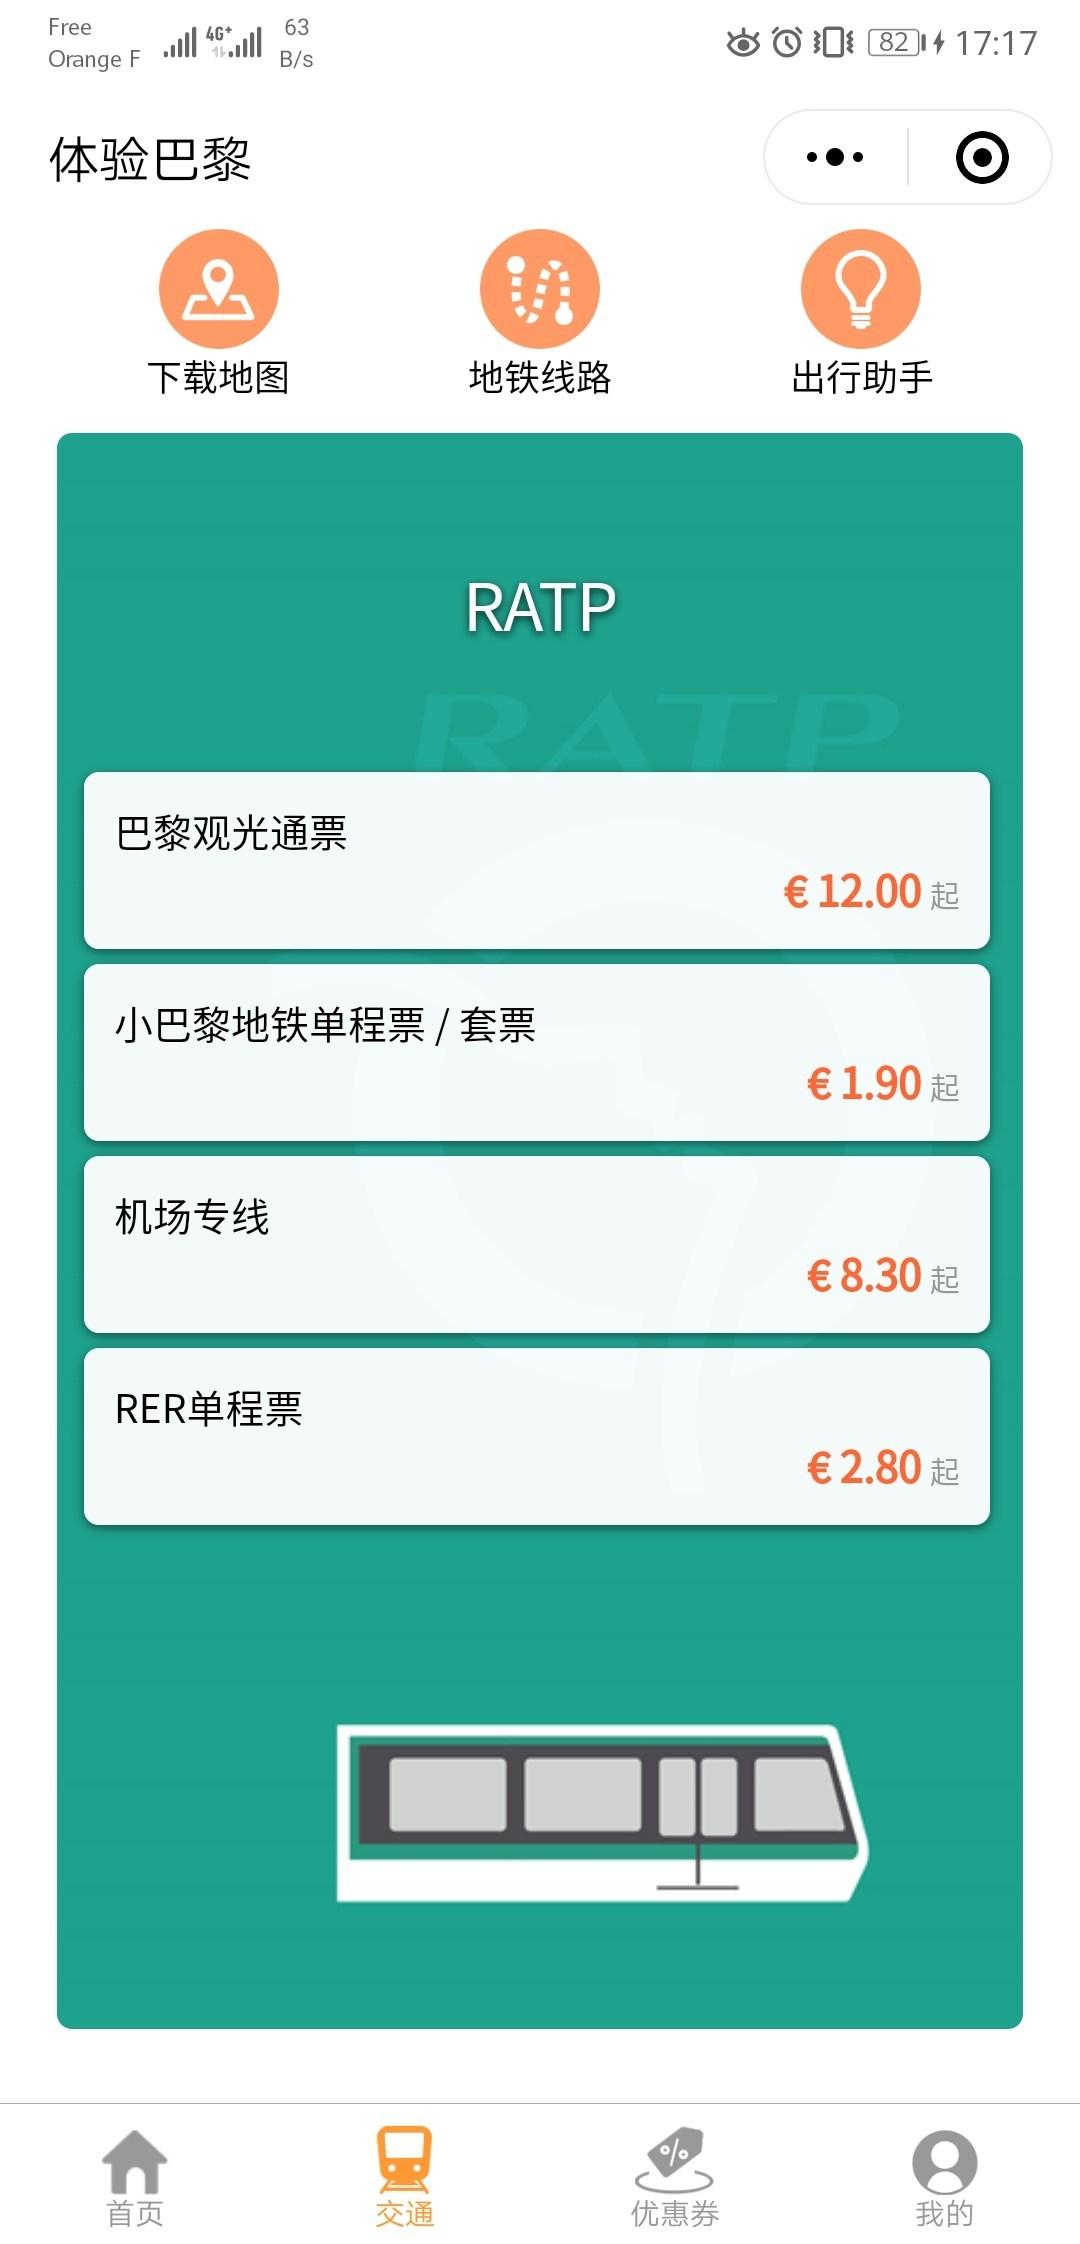 ratp-ecommerce-mini-programme